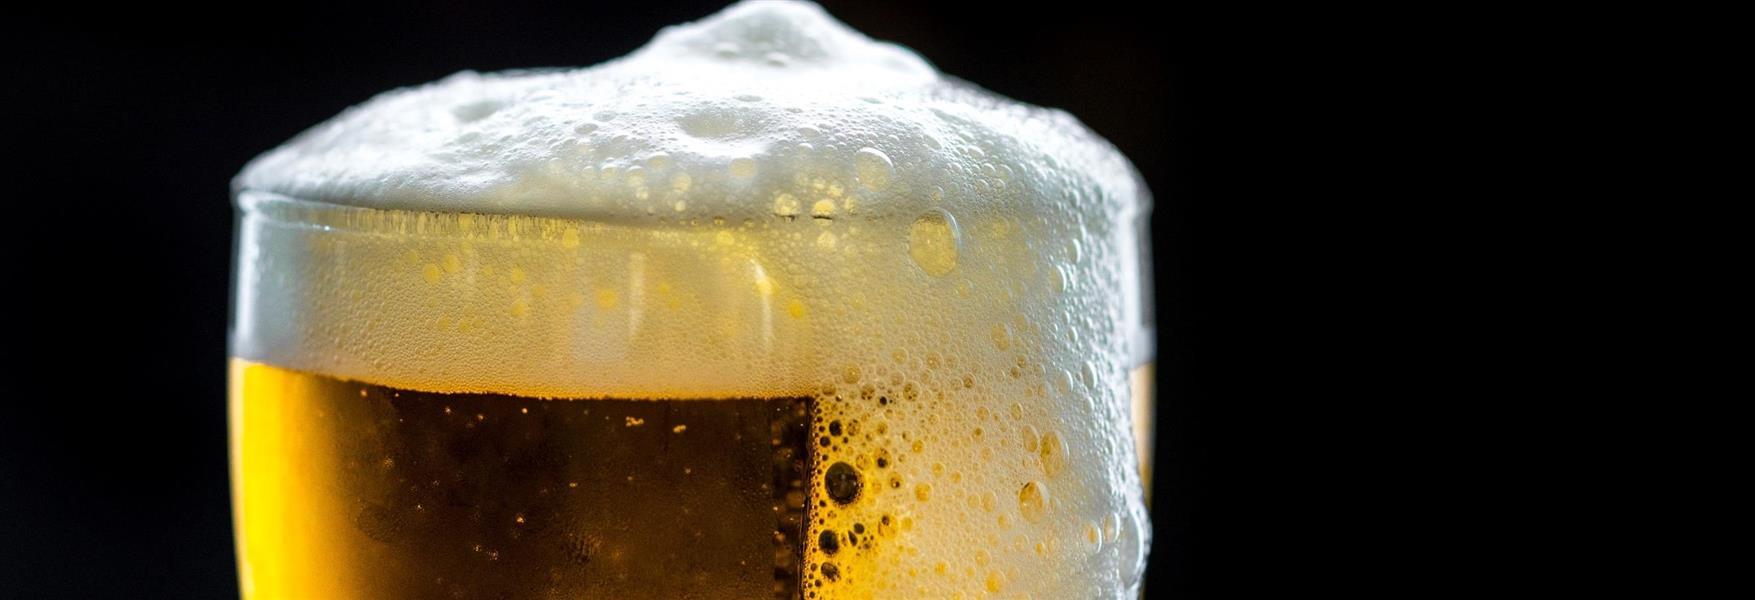 16027e06-c762-4863-845c-99de91333257_beer picture.jpg